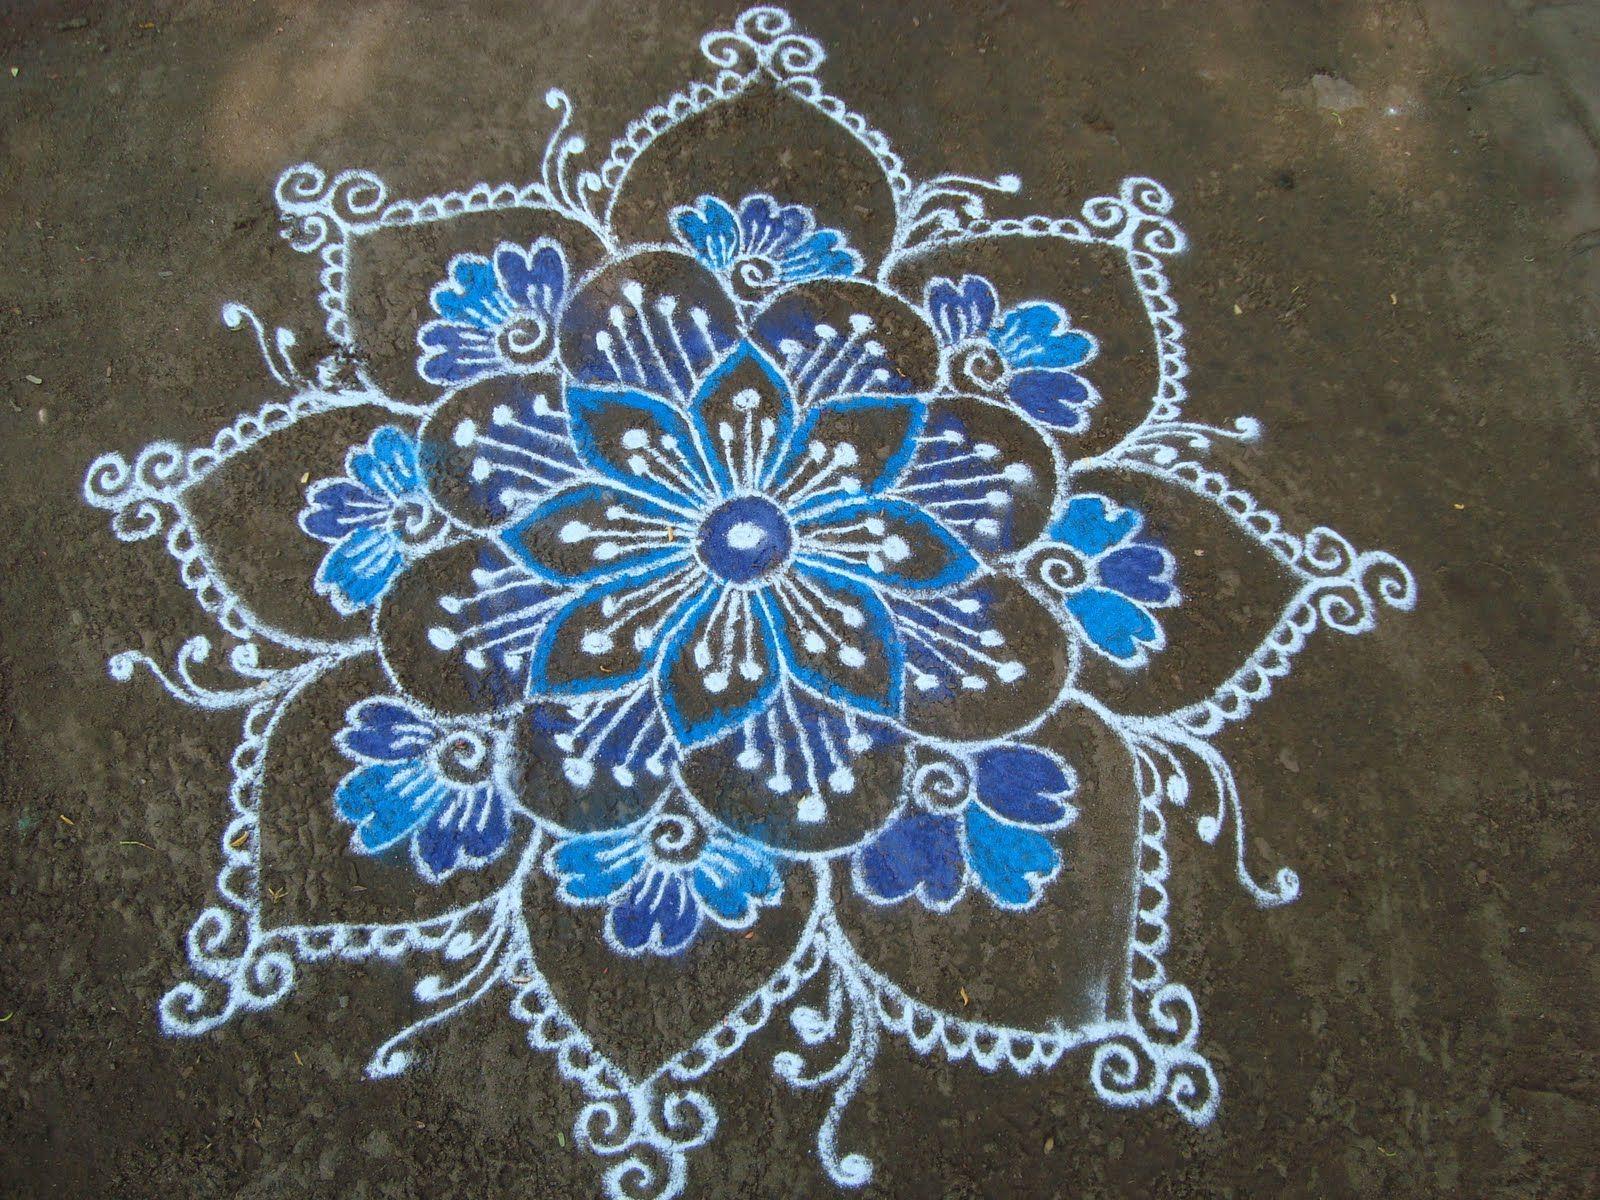 20+ Beautiful Rangoli Patterns and Designs Sidewalk